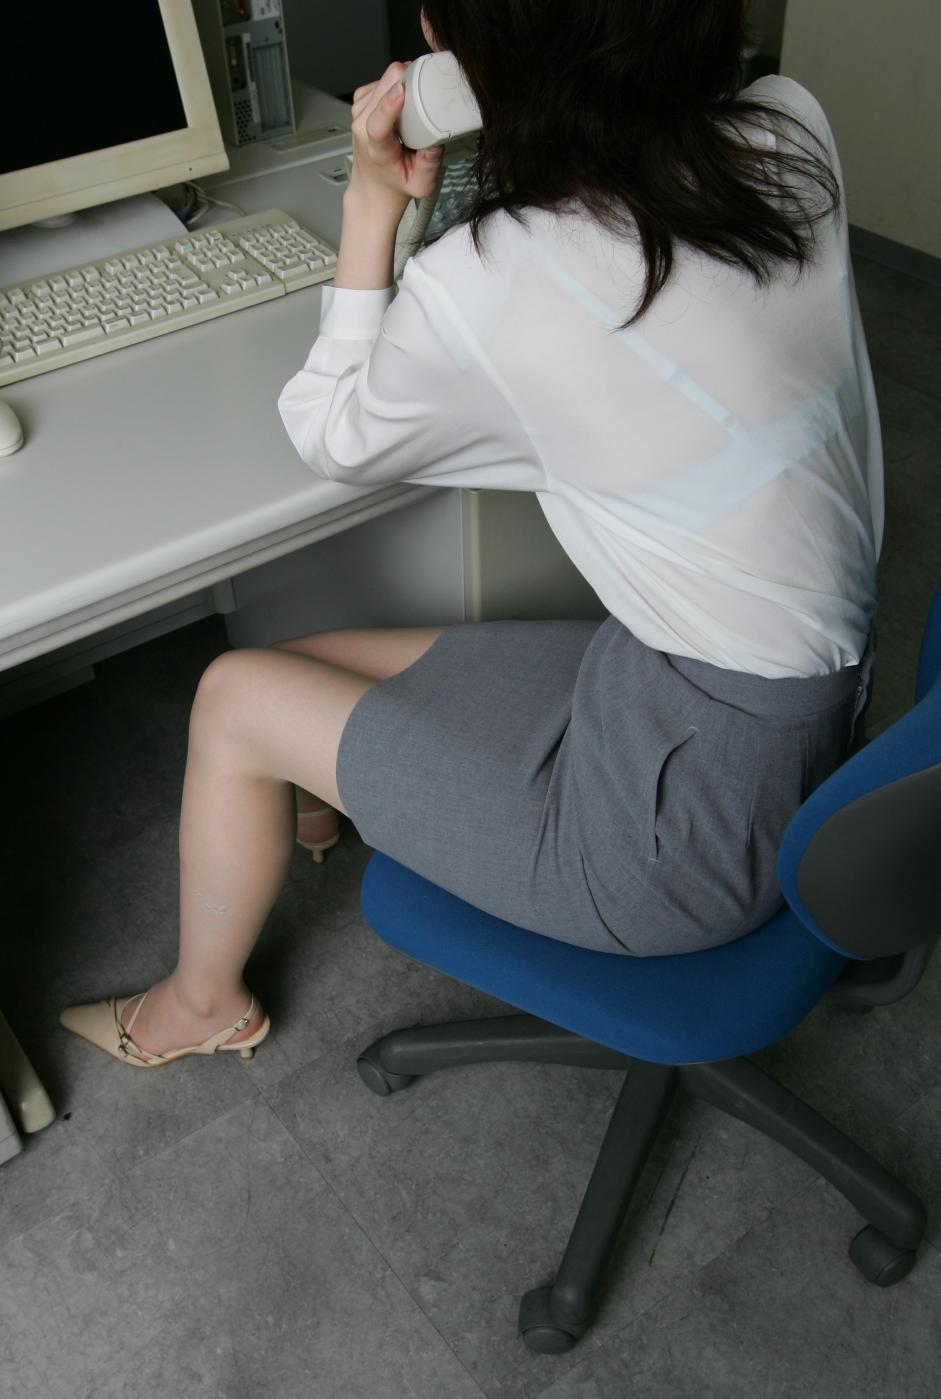 【透けブラエロ画像】脱いでも痕が残りそうw背中にピッチリブラ透け女子www 14